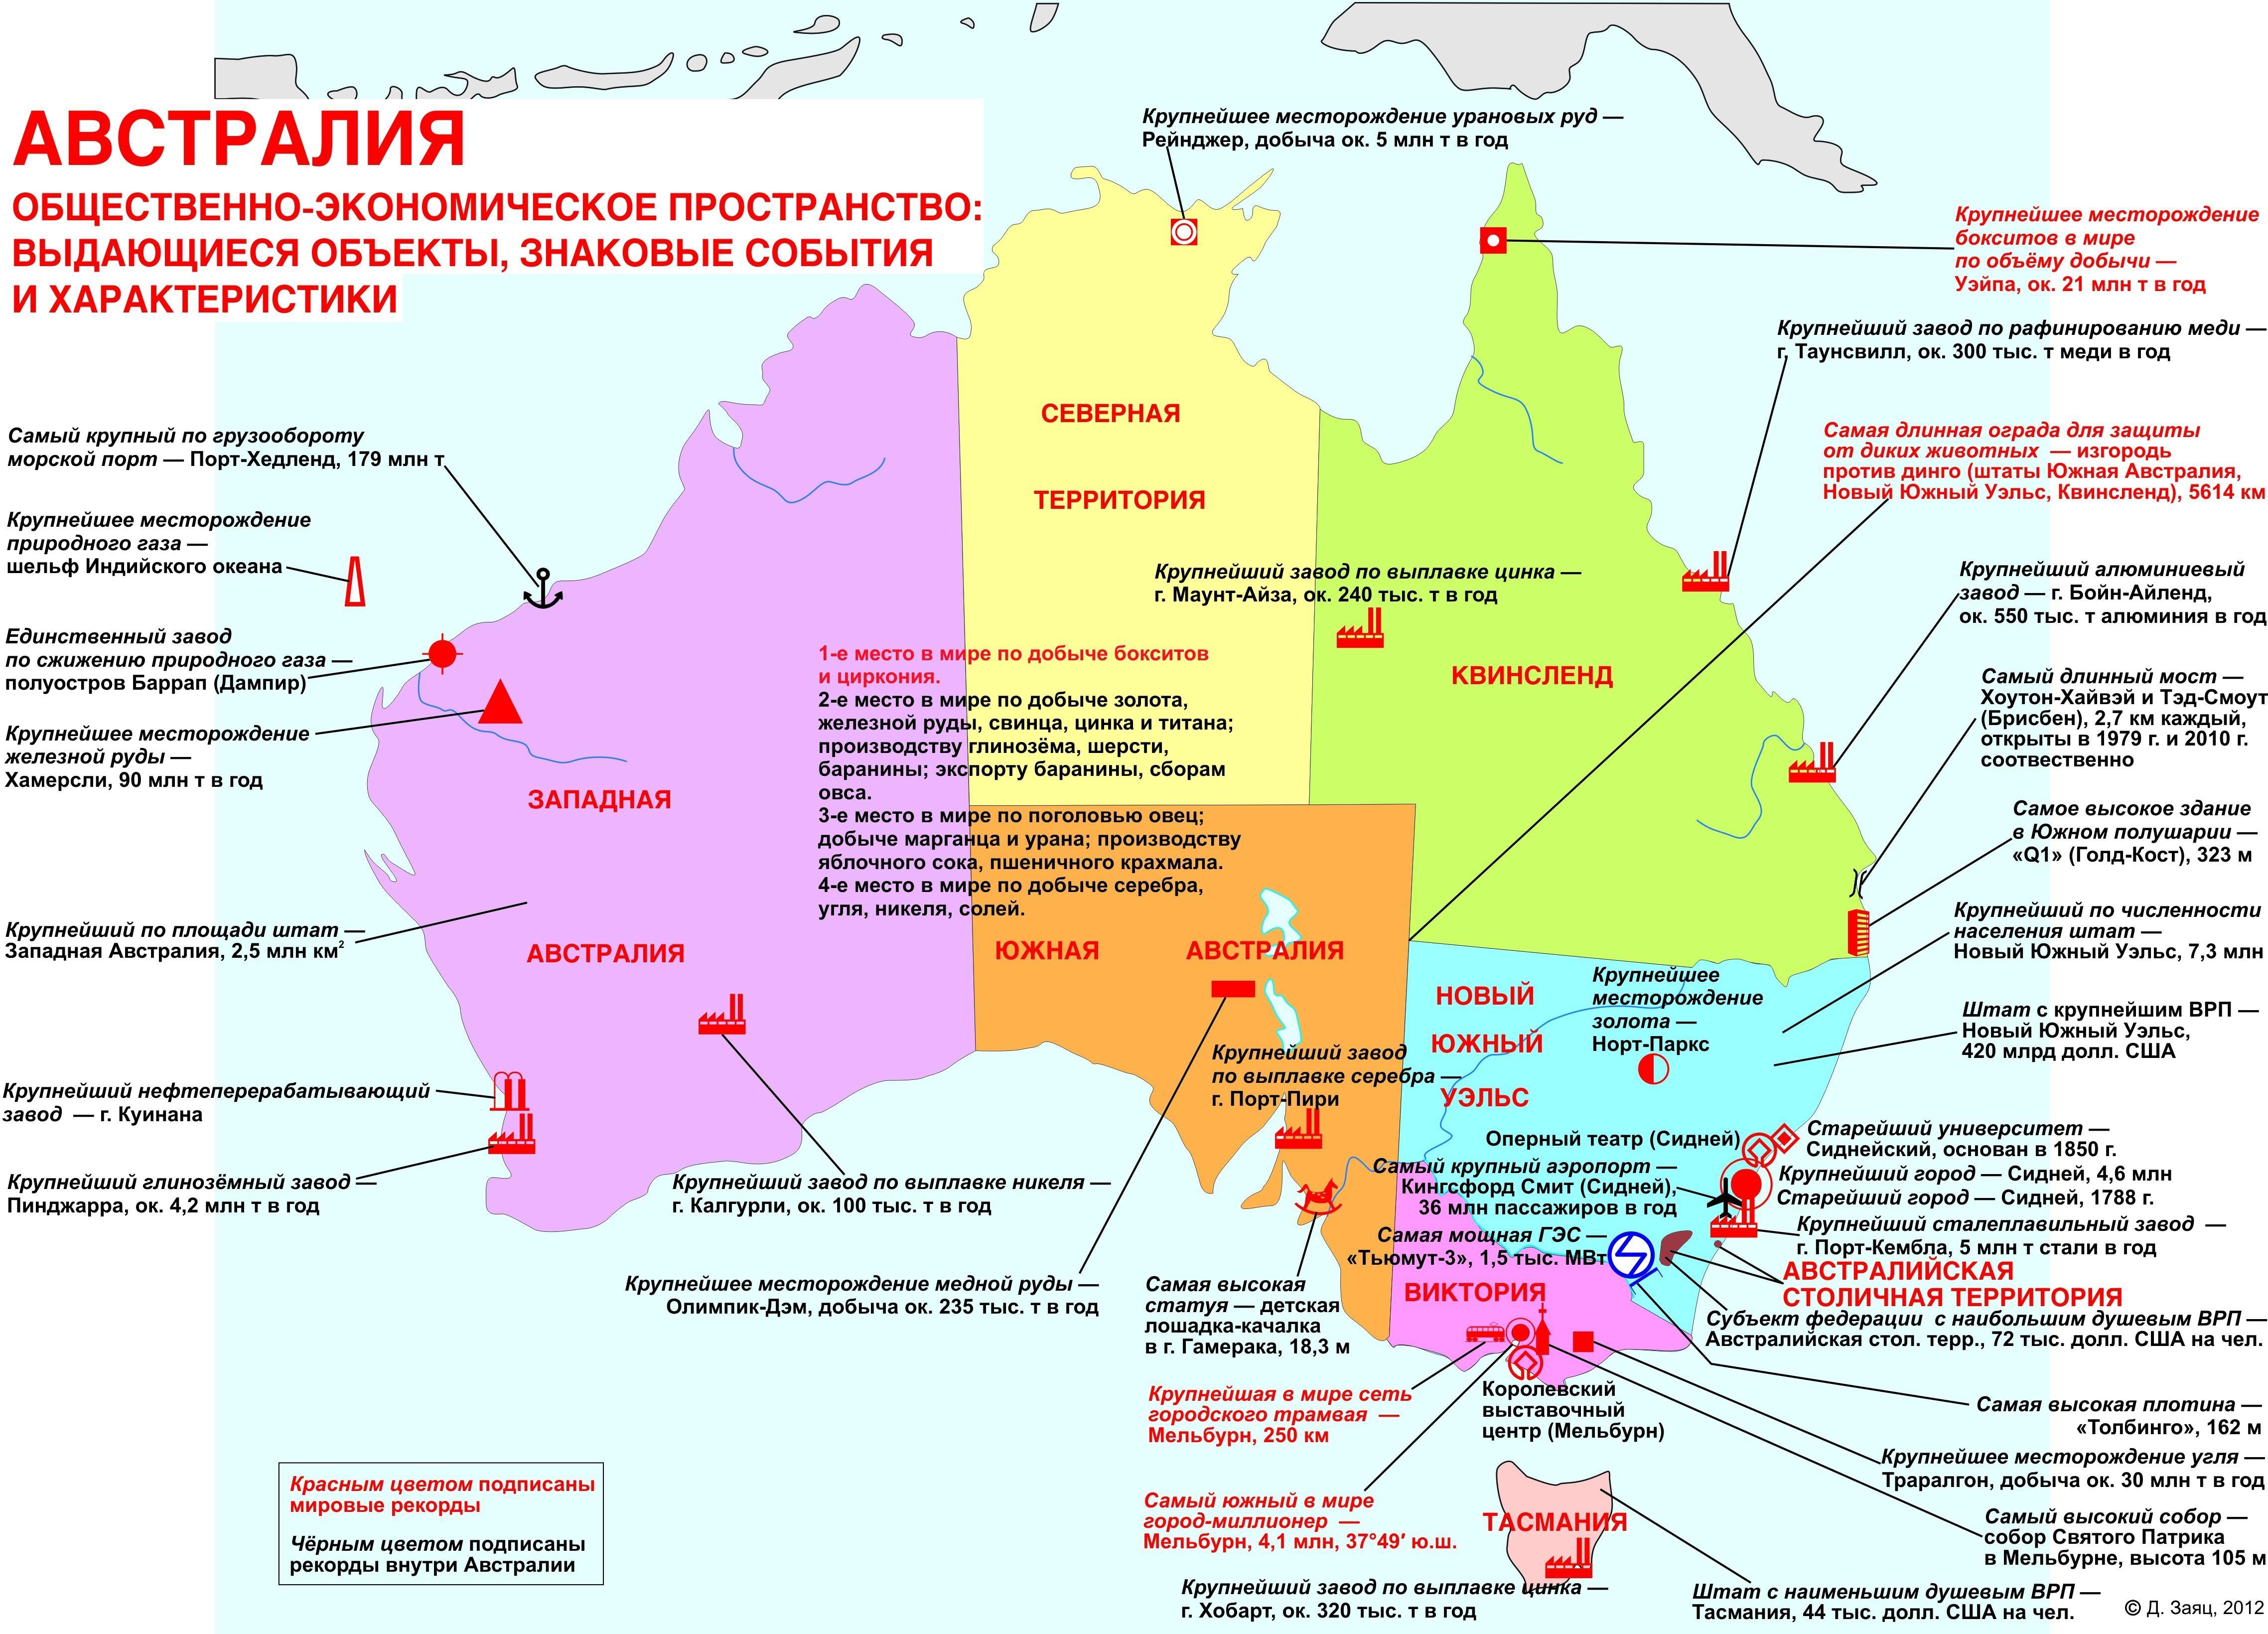 Экономические зоны австралийского